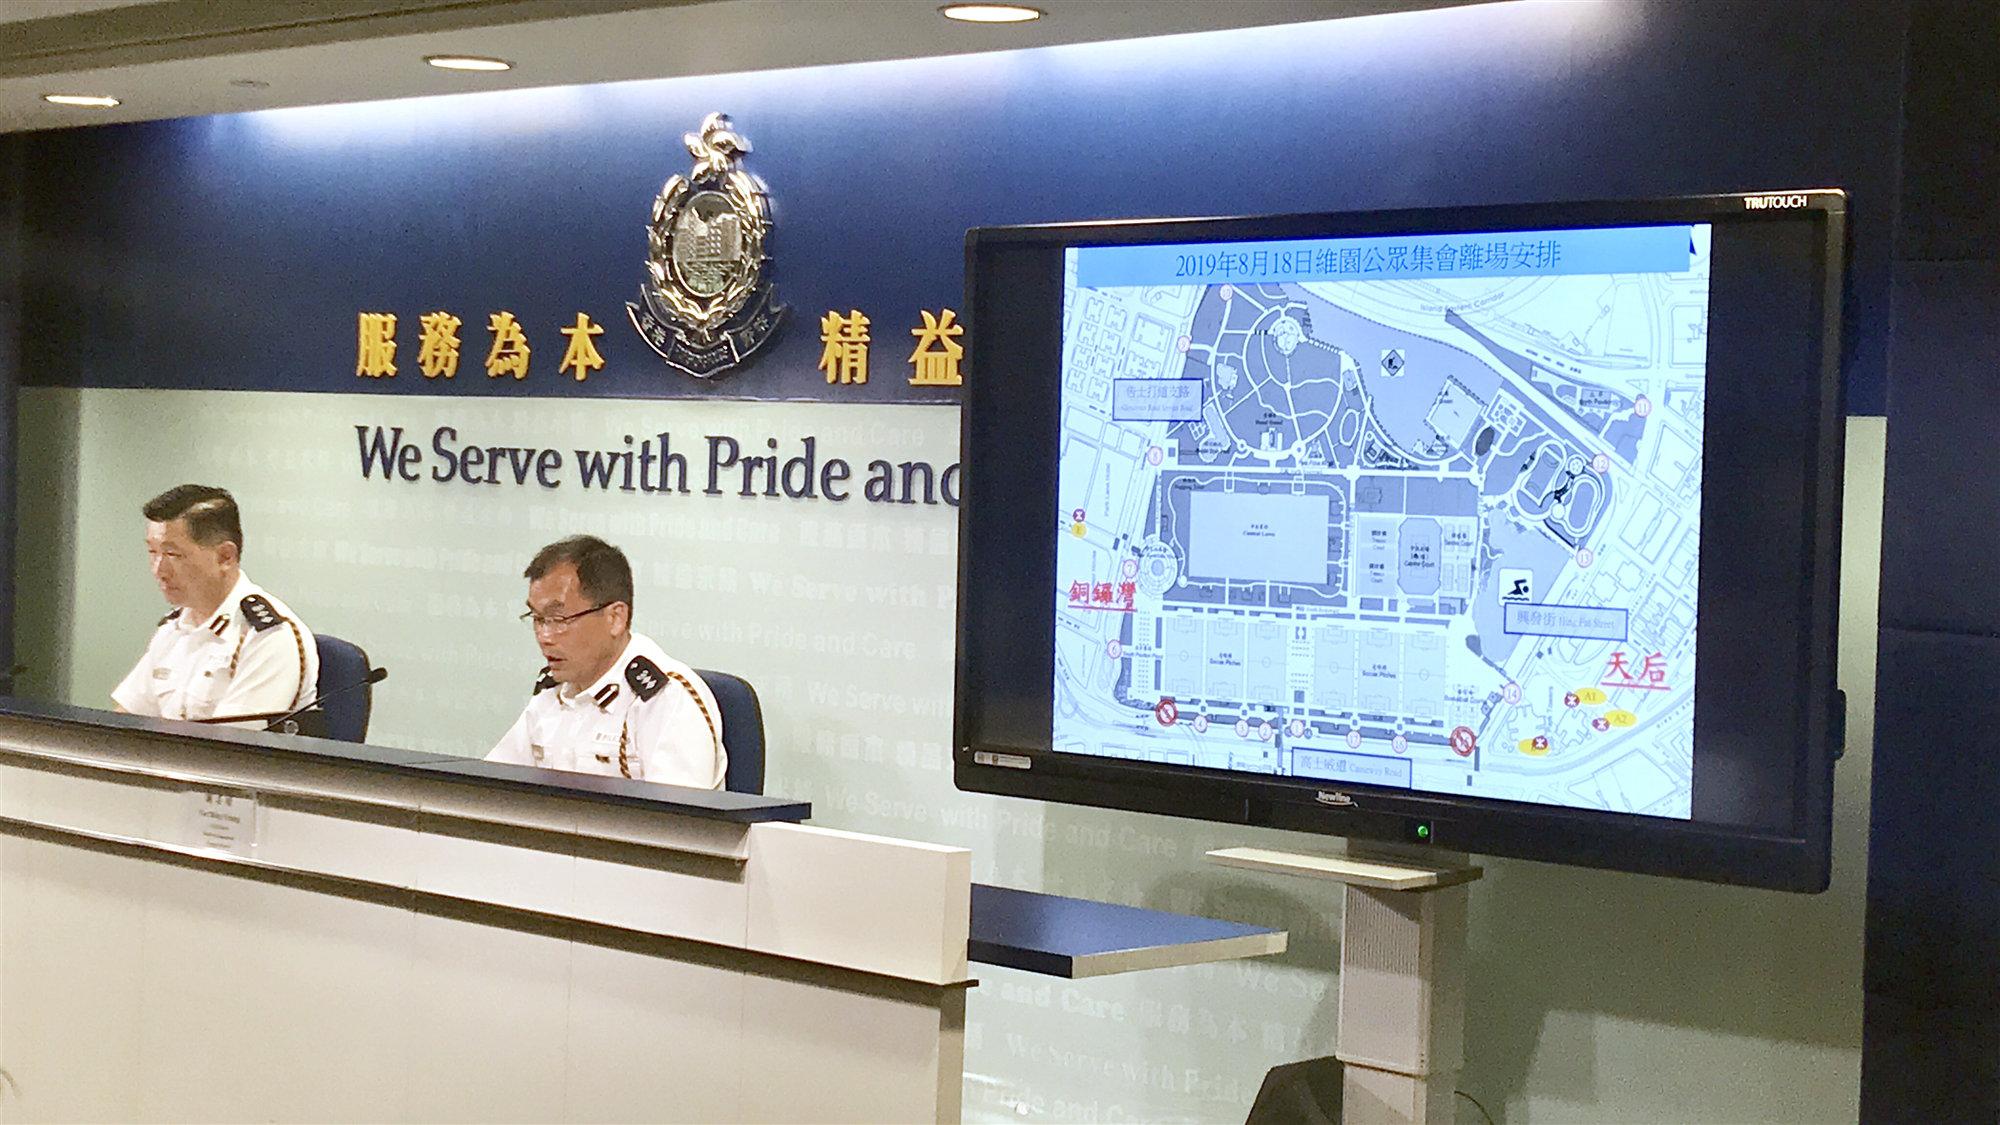 警方記招 | 警方:評估維園可容納約10萬人 集會實施人流管制措施確保和平有序